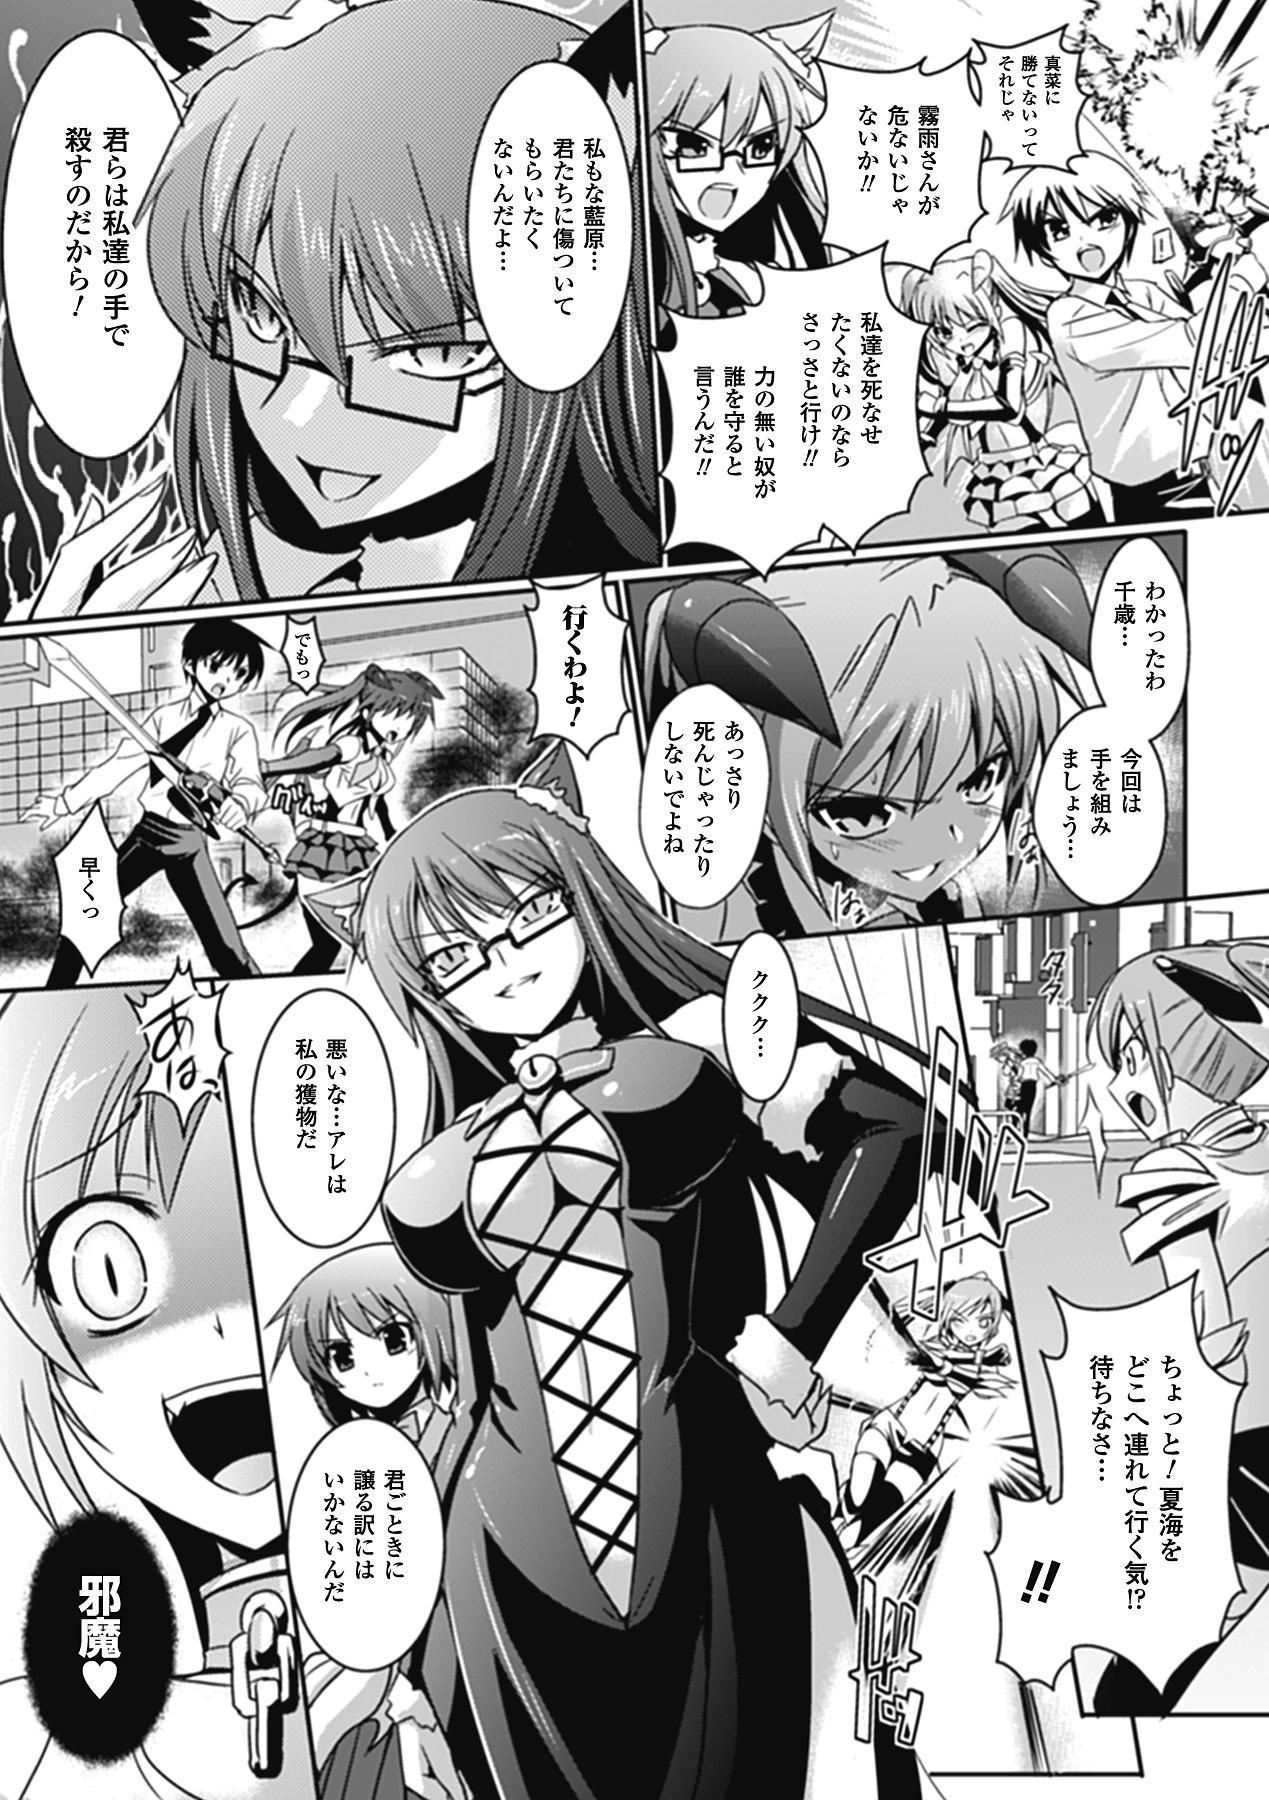 [Tokimaru Yoshihisa]Shakkou no Anti-Genesis Ch. 1-7 48